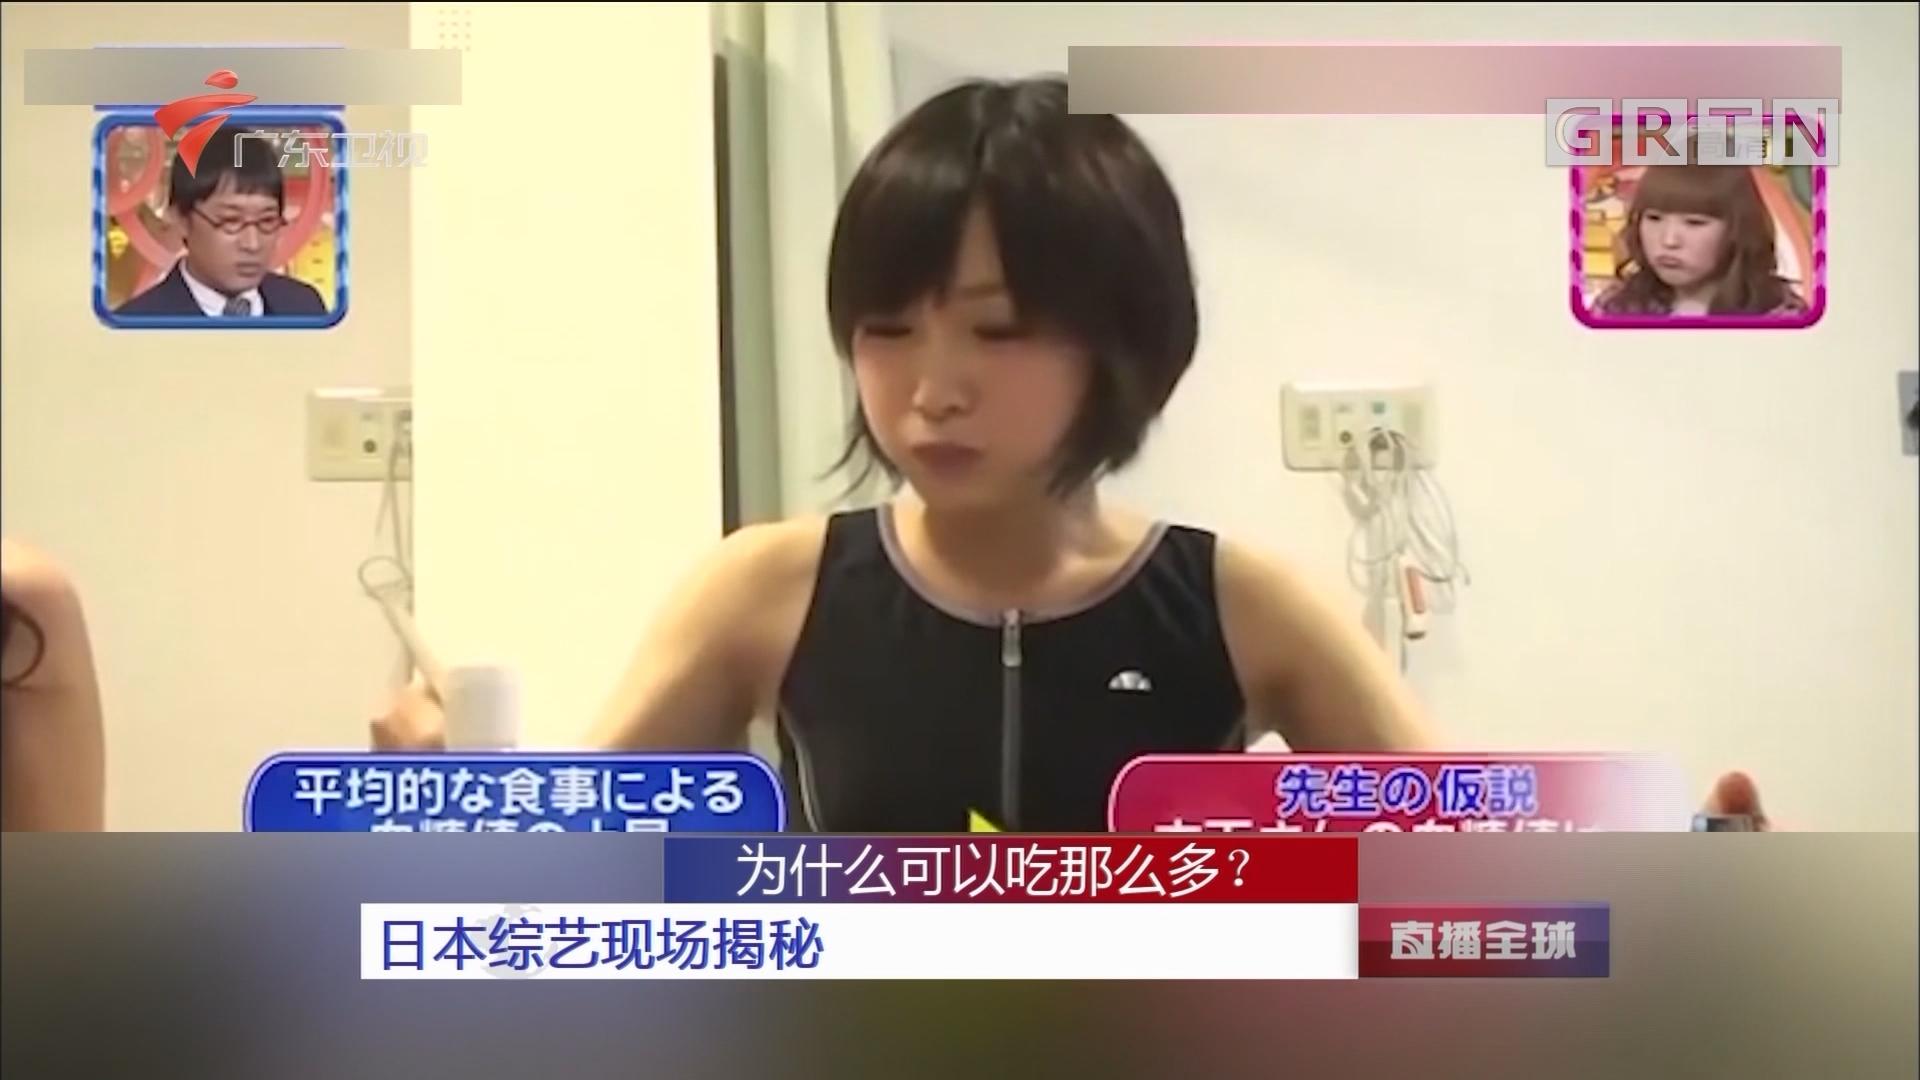 为什么可以吃那么多?日本综艺现场揭秘